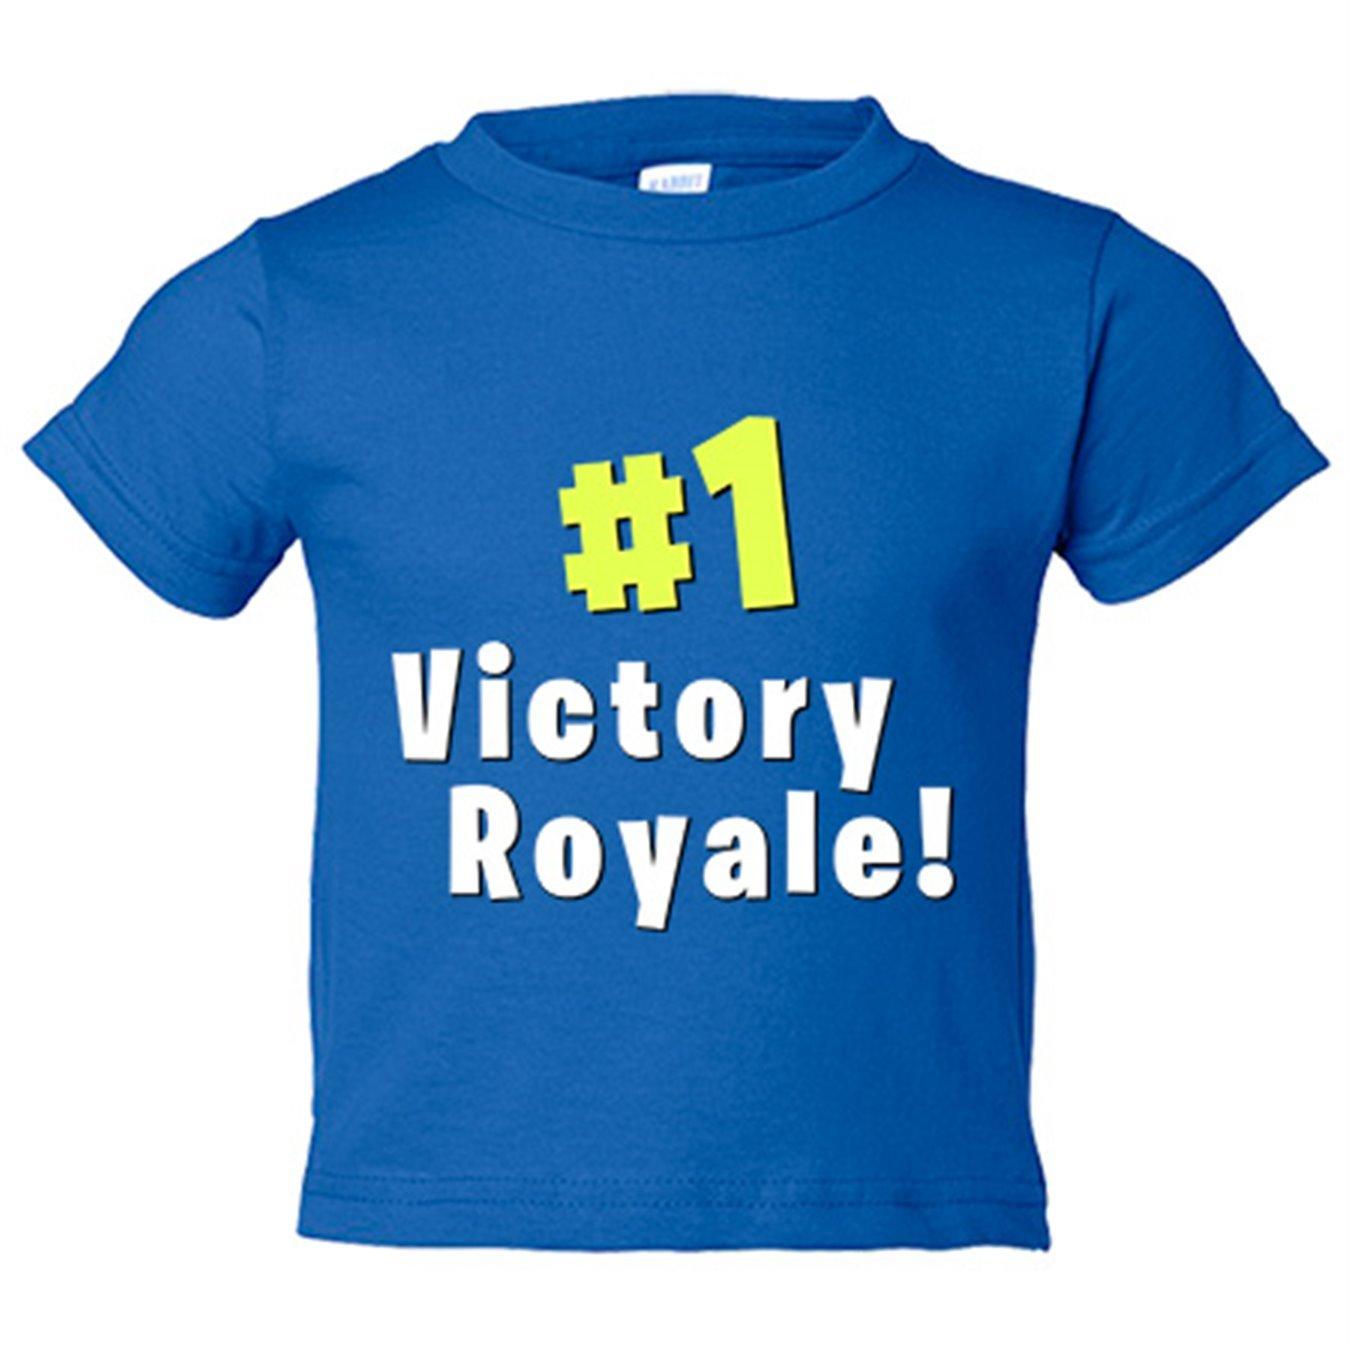 Camiseta niño Fortnite Victory Royale - Azul Royal, 3-4 años: Amazon.es: Bebé